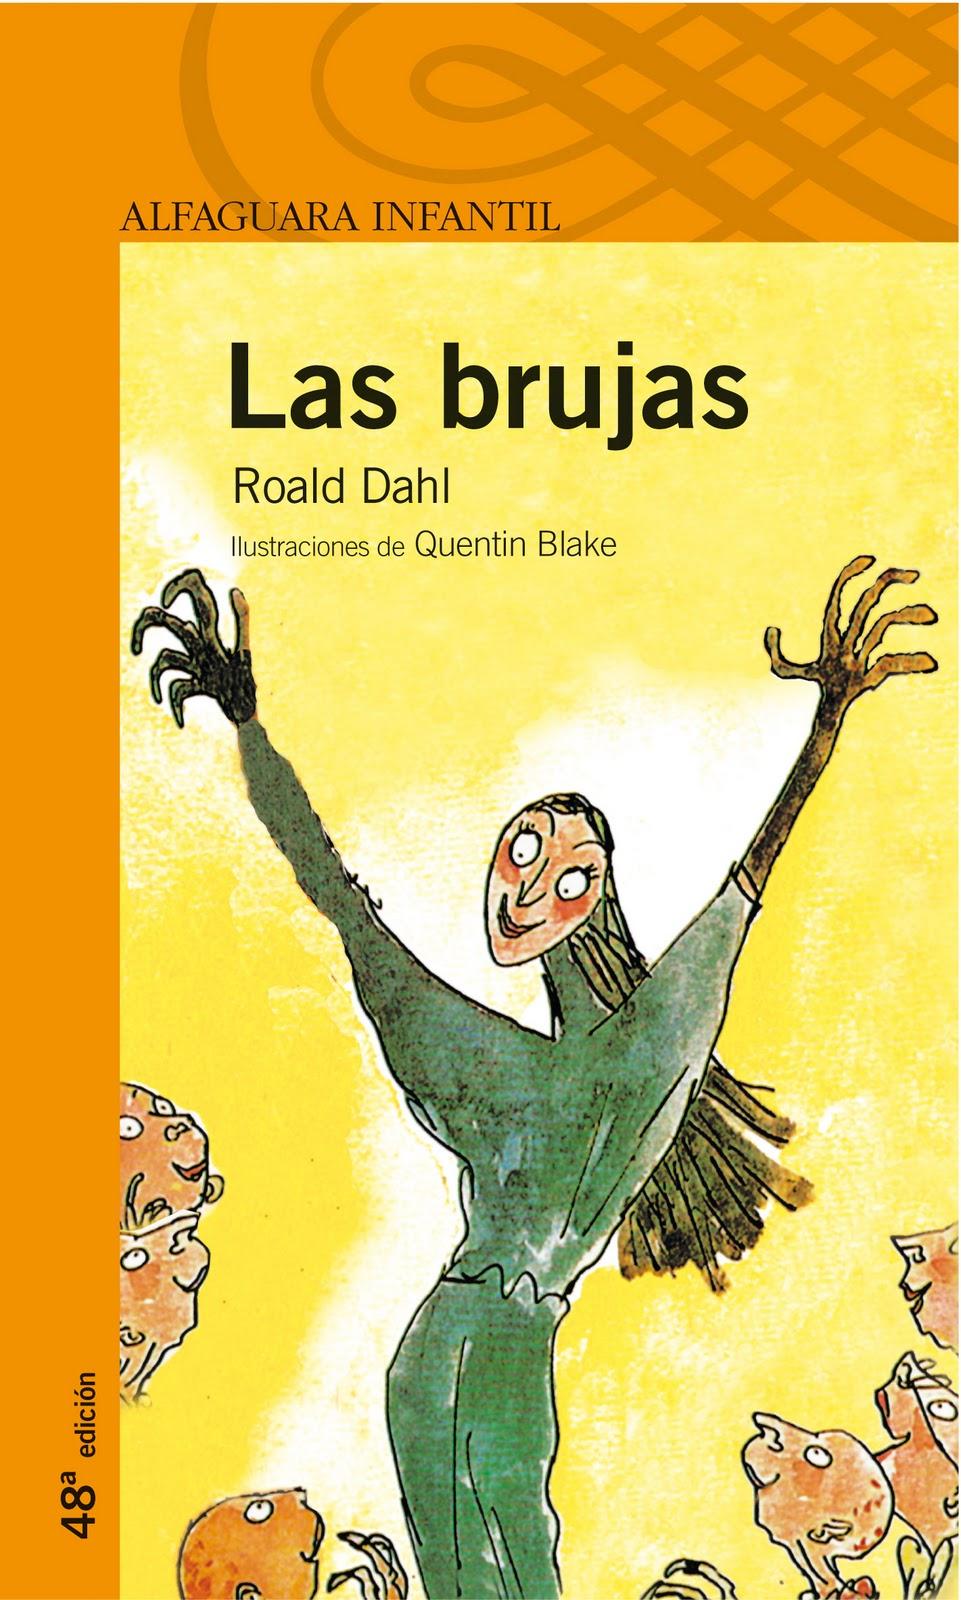 Matilda Libros: Semana de Roald Dahl. Las brujas.